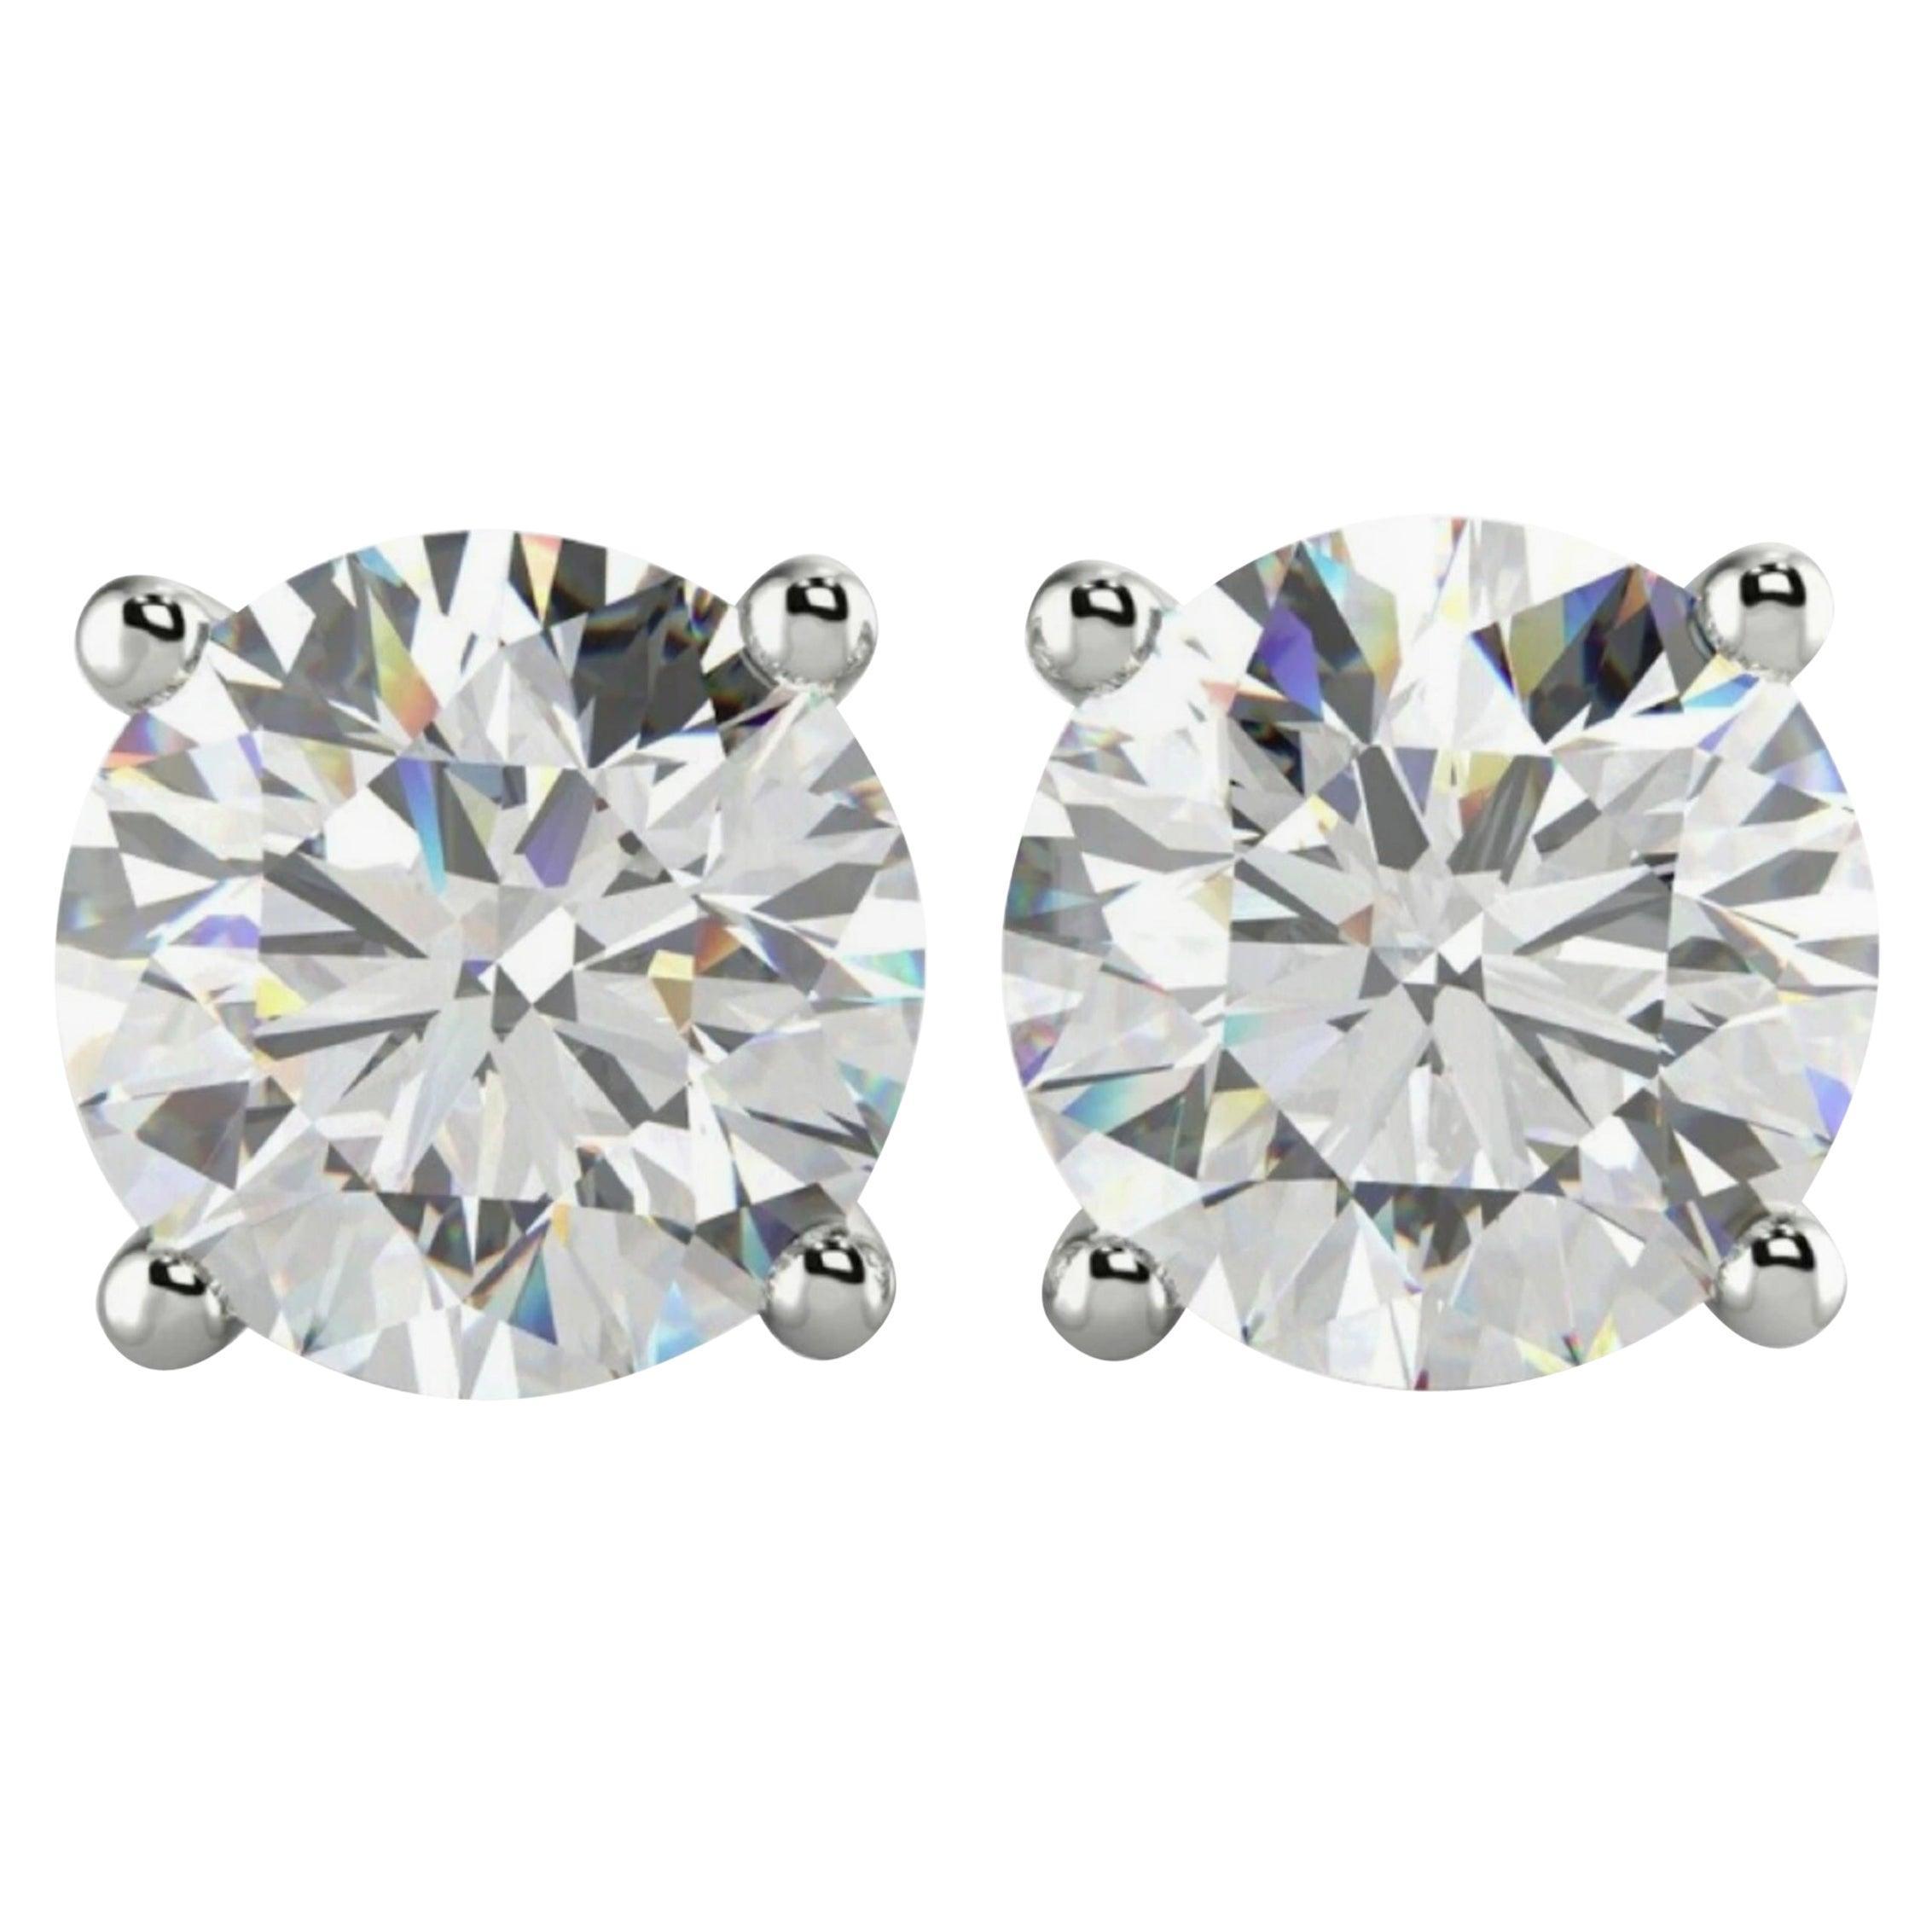 GIA Certified 3.01 Carat GIA Certified Diamond Studs E/F VVS1